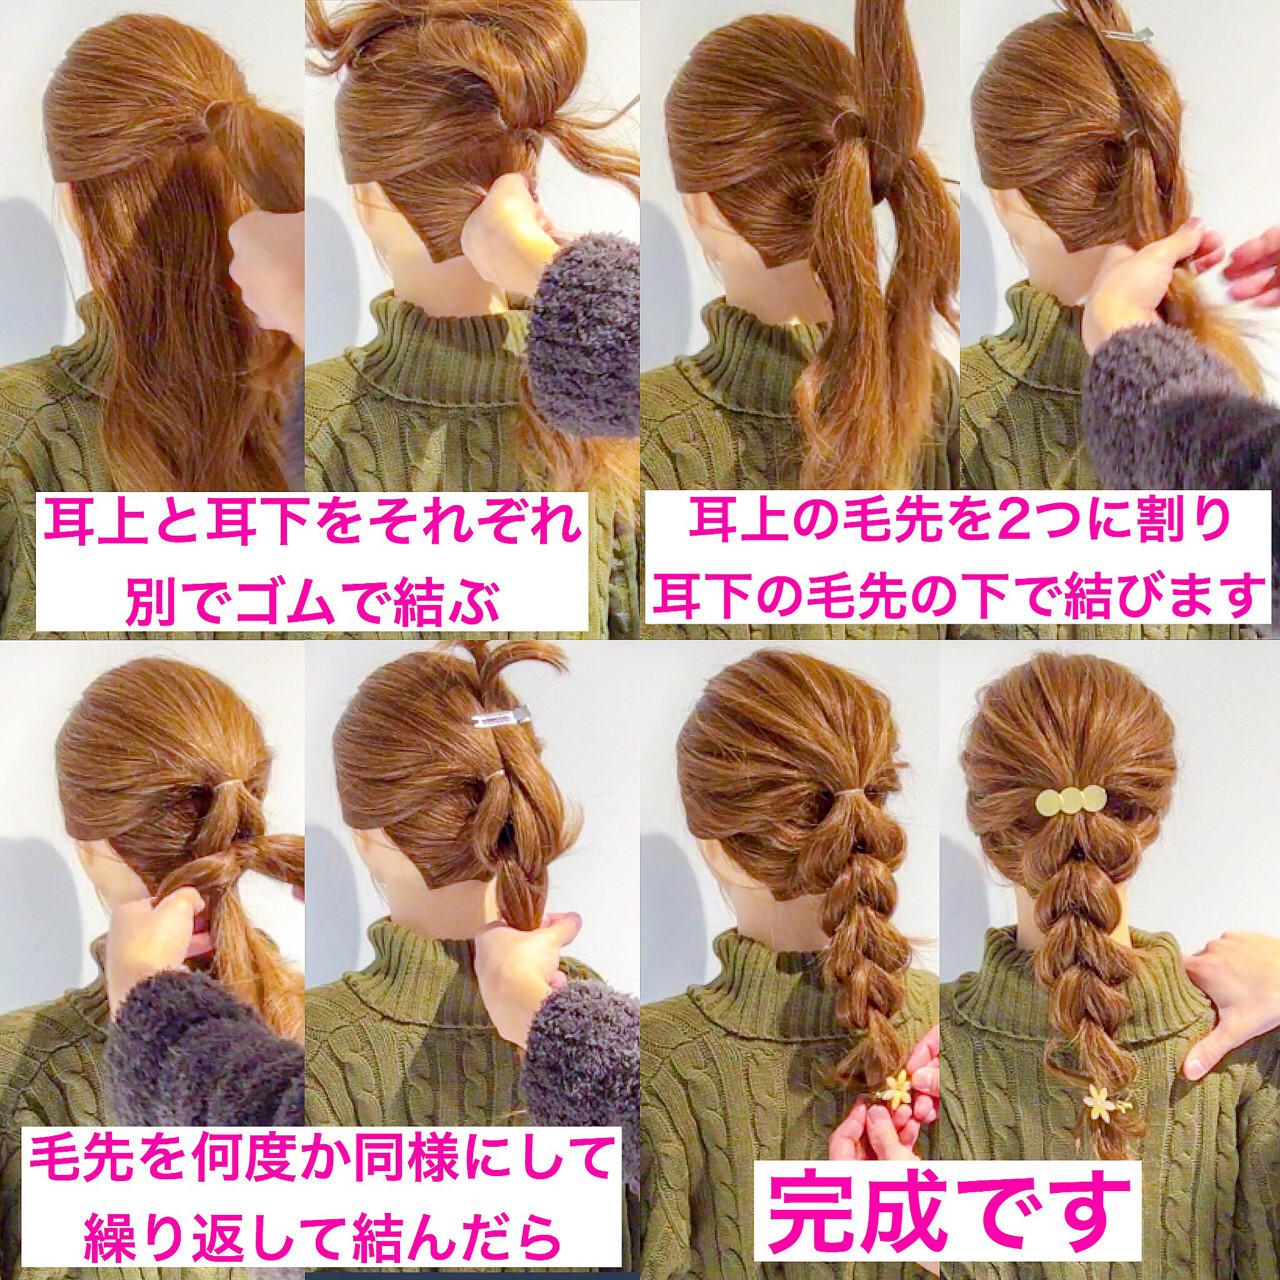 海外のおしゃれガールからも大注目のアレンジ! 美容師 HIRO